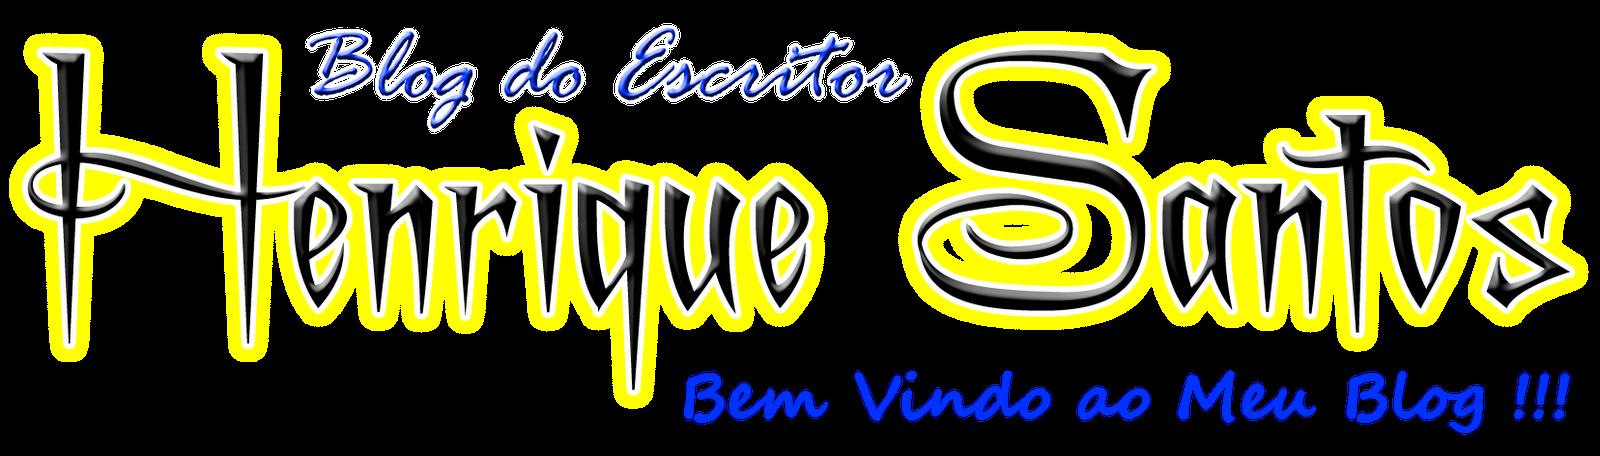 Escritor Henrique Santos